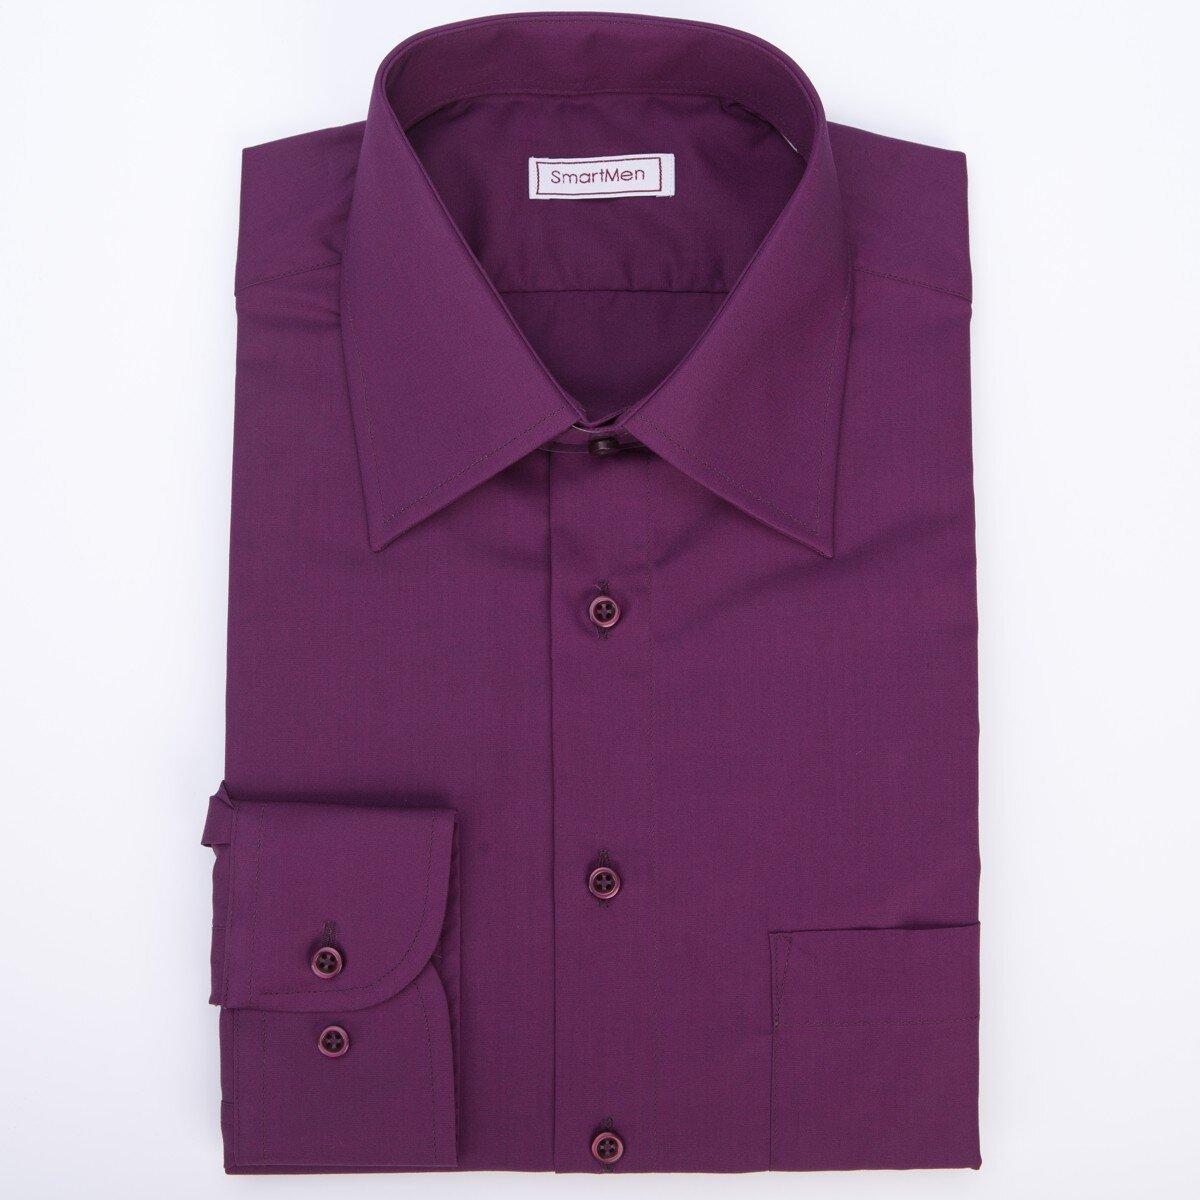 1ad4c7316fa1 Fialová jednofarebná košeľa s gombíkmi tón v tóne SmartMen